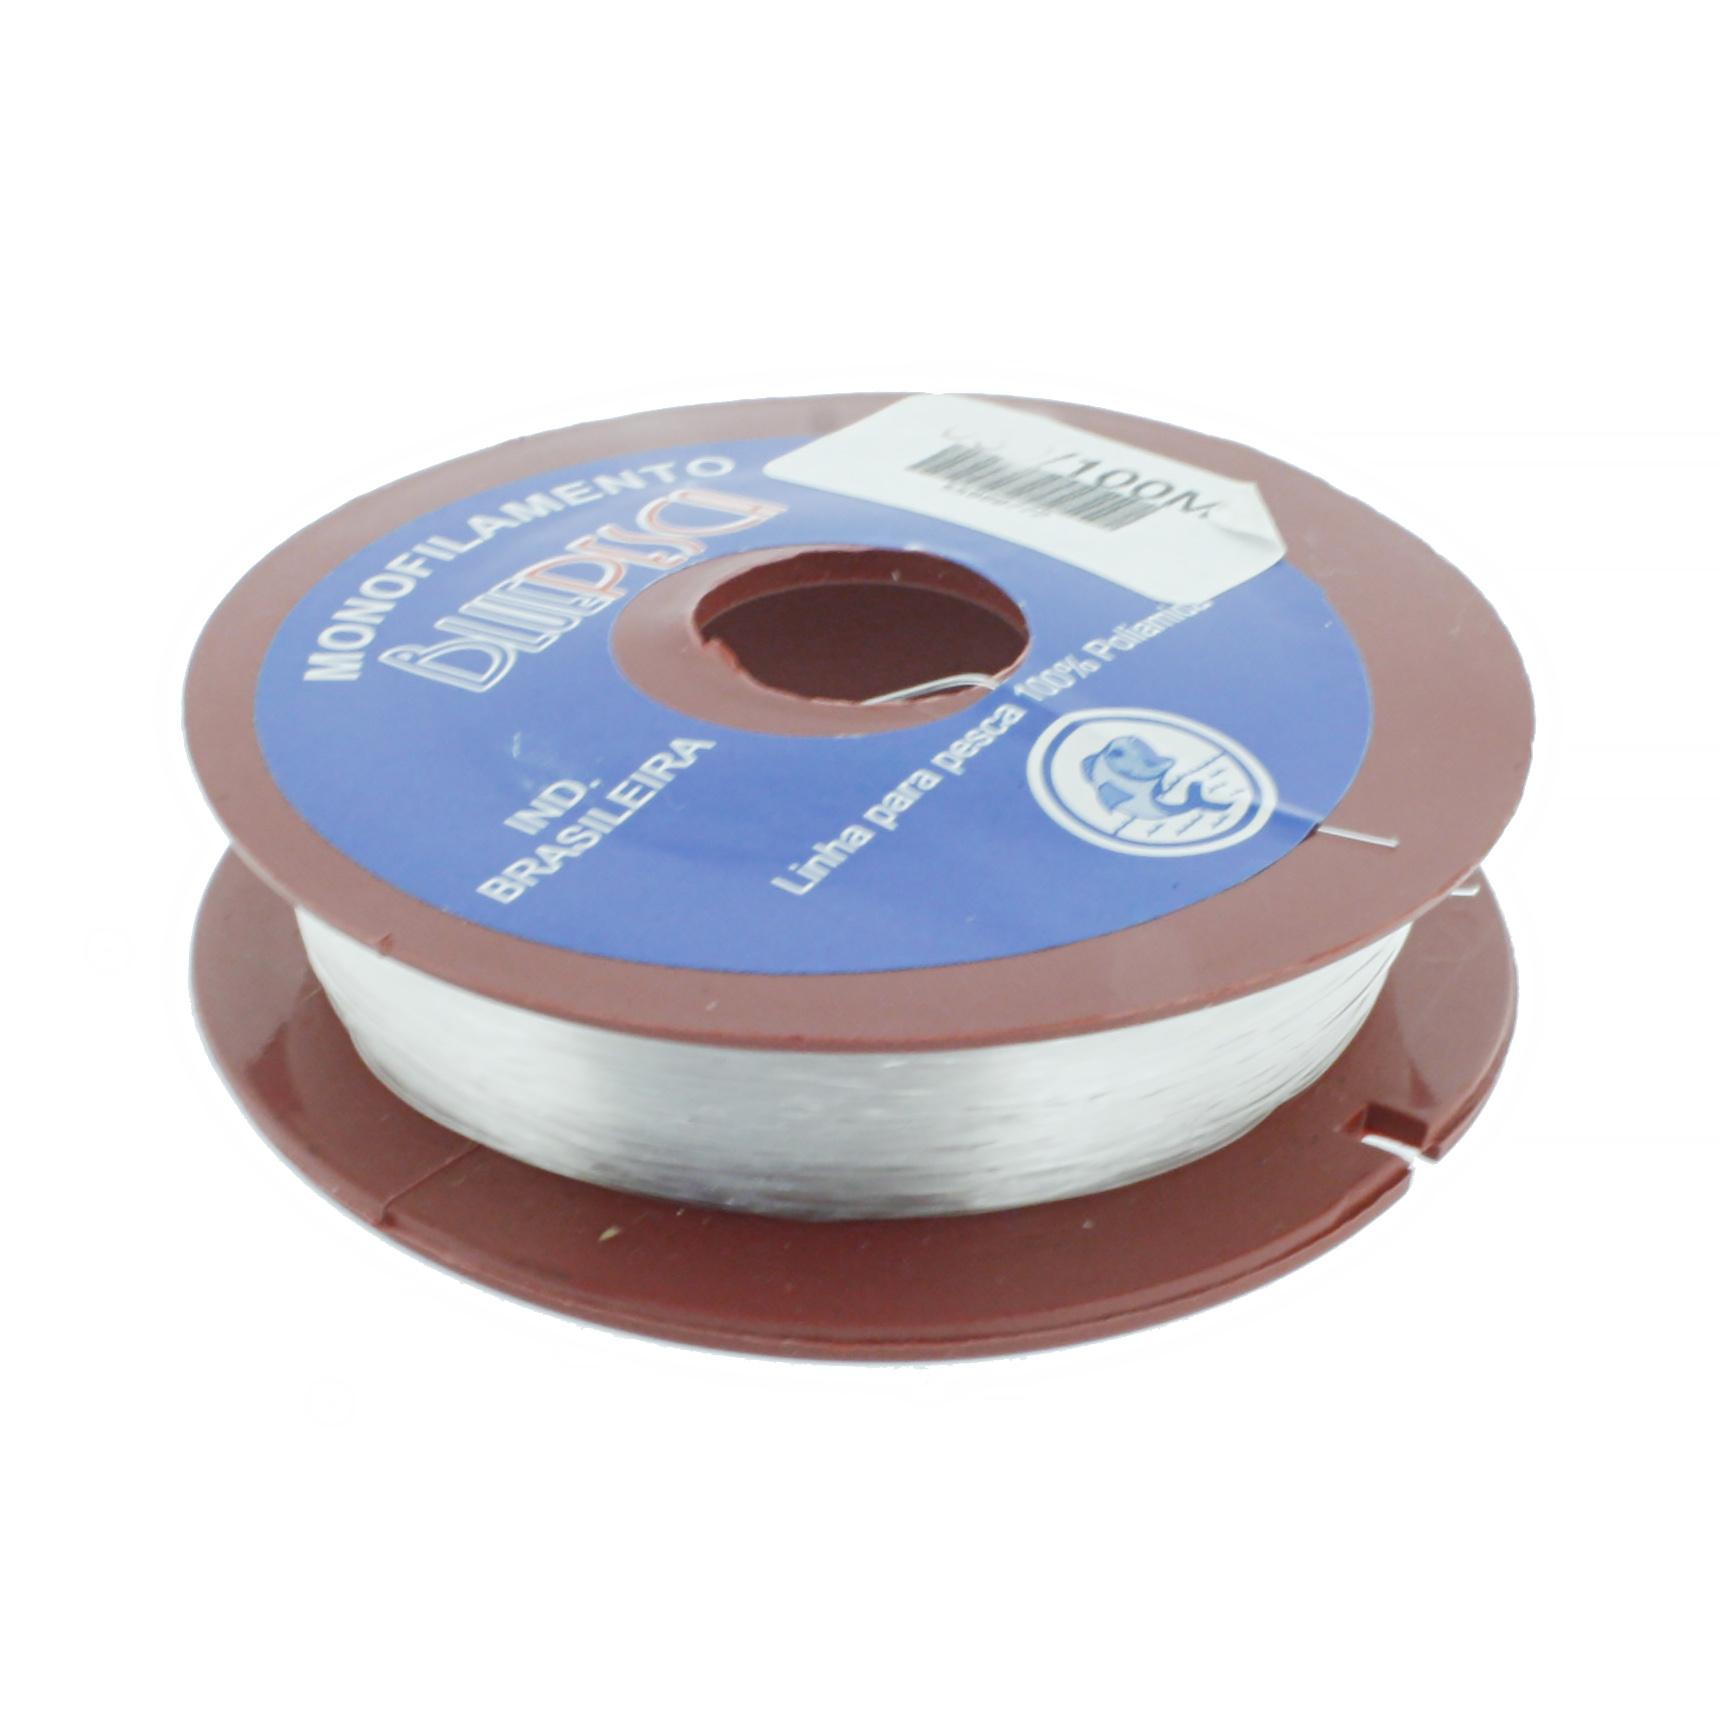 Fio de Nylon - 0,20mm  - Stéphanie Bijoux® - Peças para Bijuterias e Artesanato